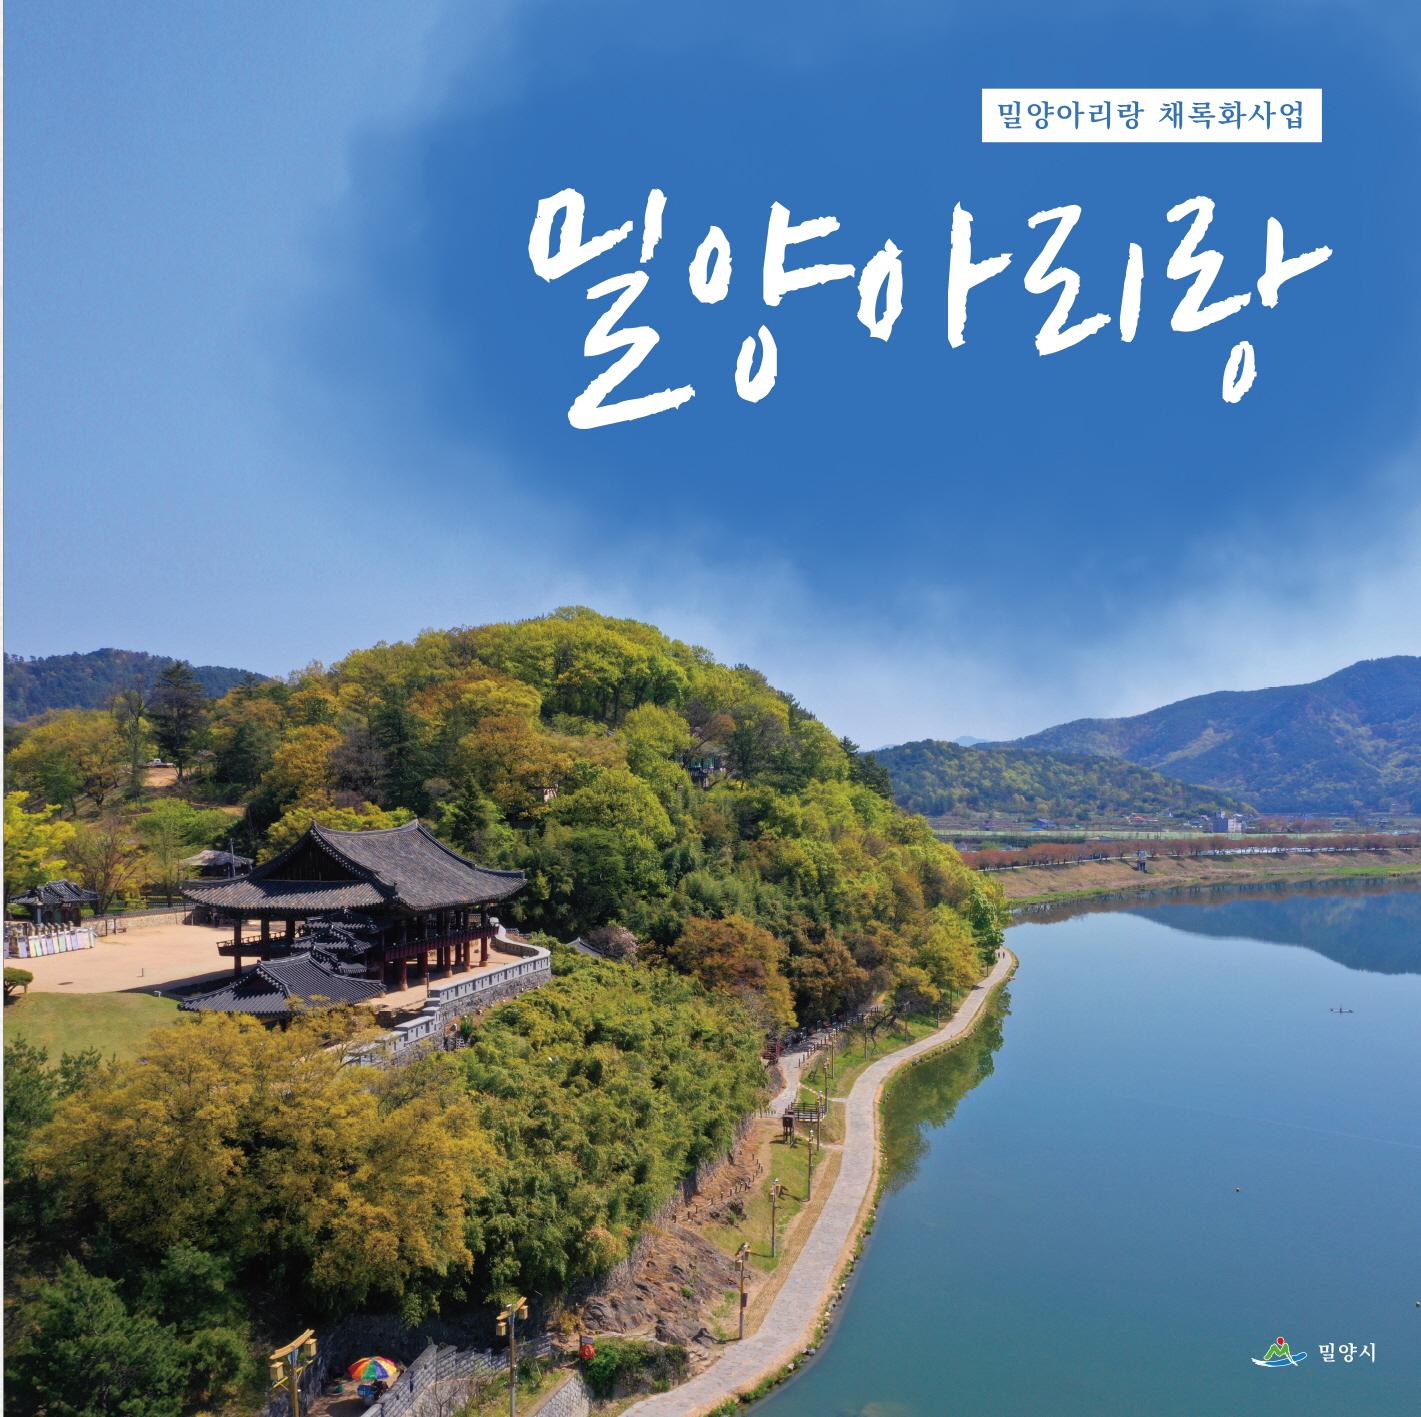 민족의 노래, '밀양아리랑' 채록자료 음반